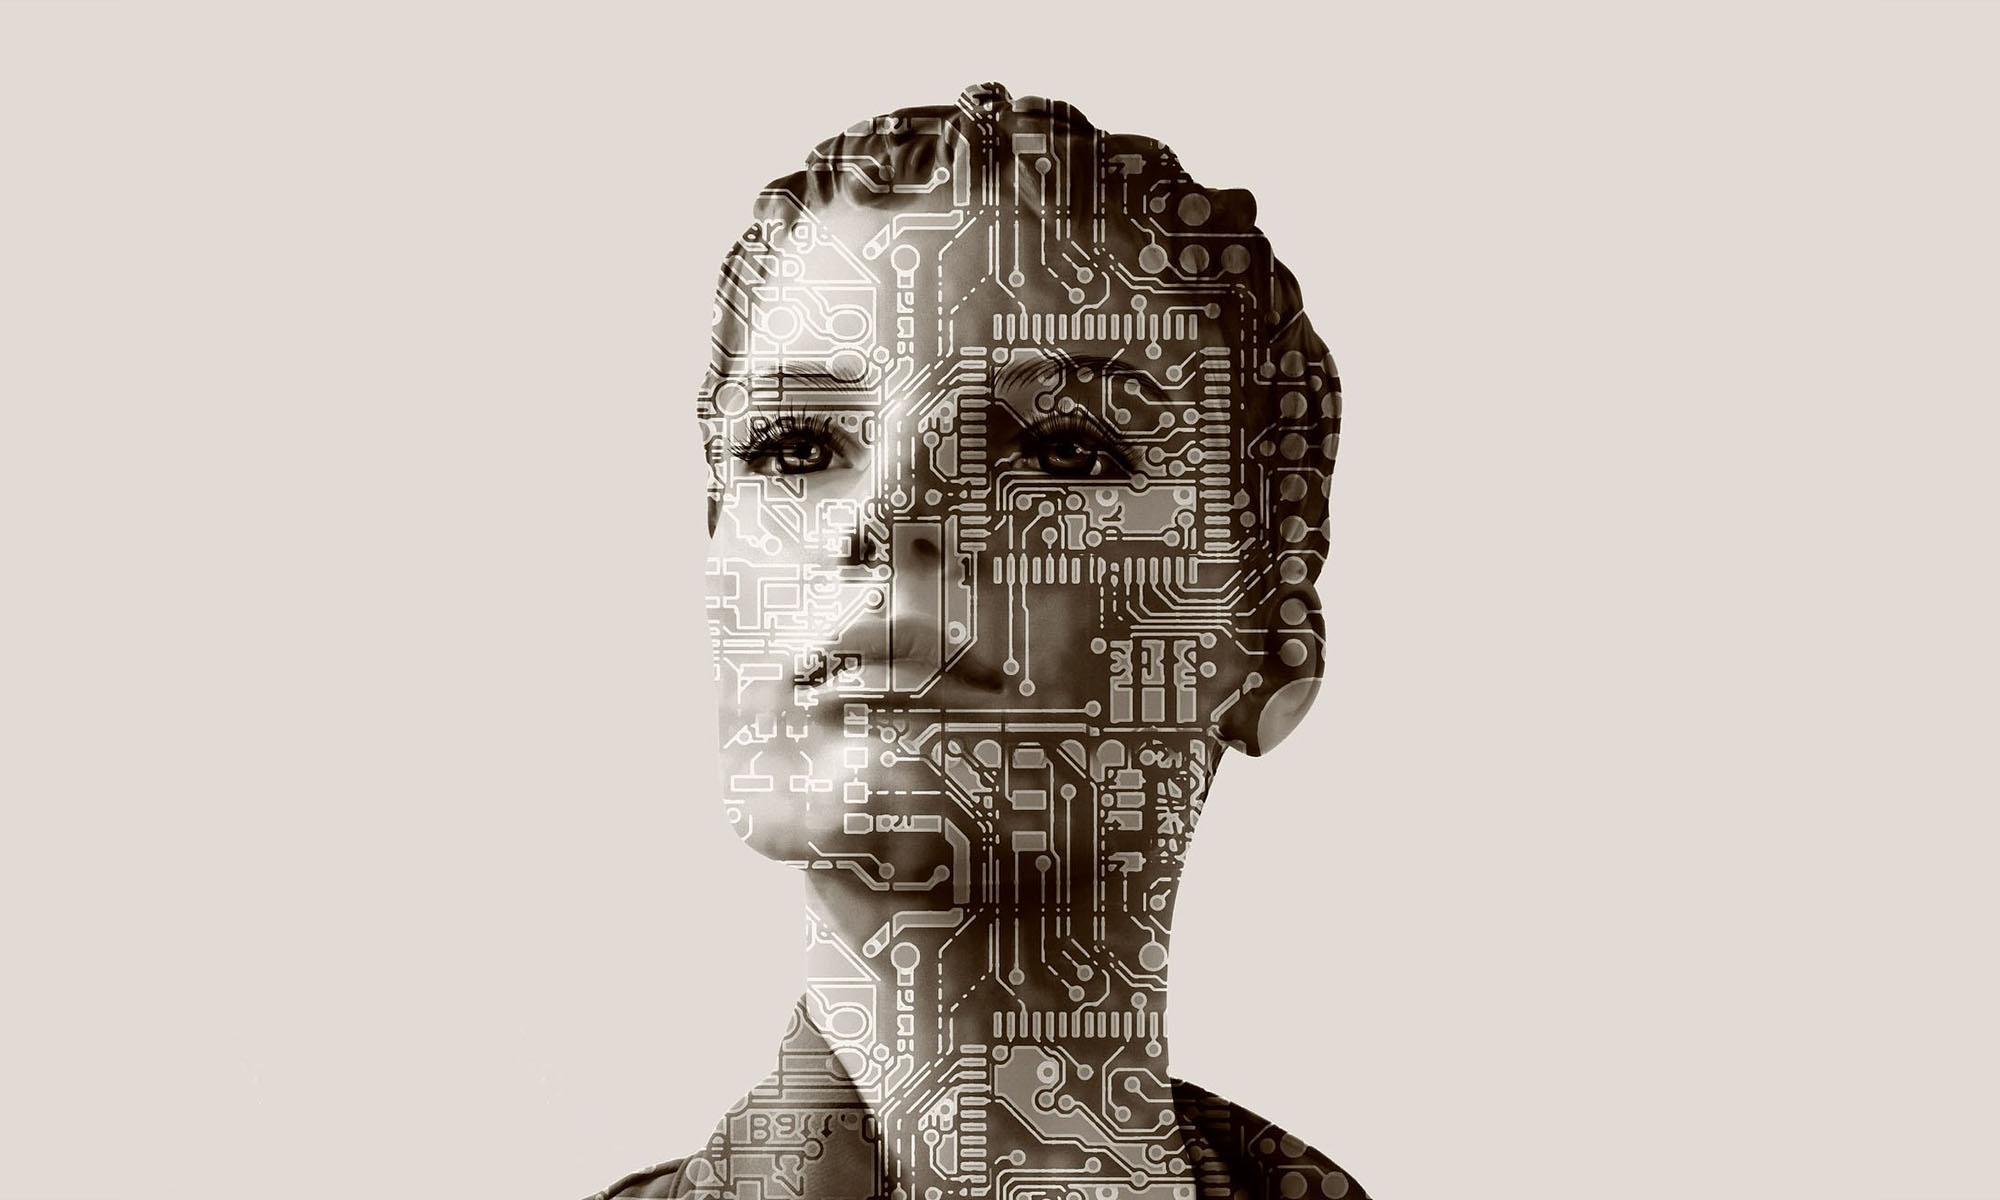 massimo-marchioro-arte-intelligenza-artificiale copia